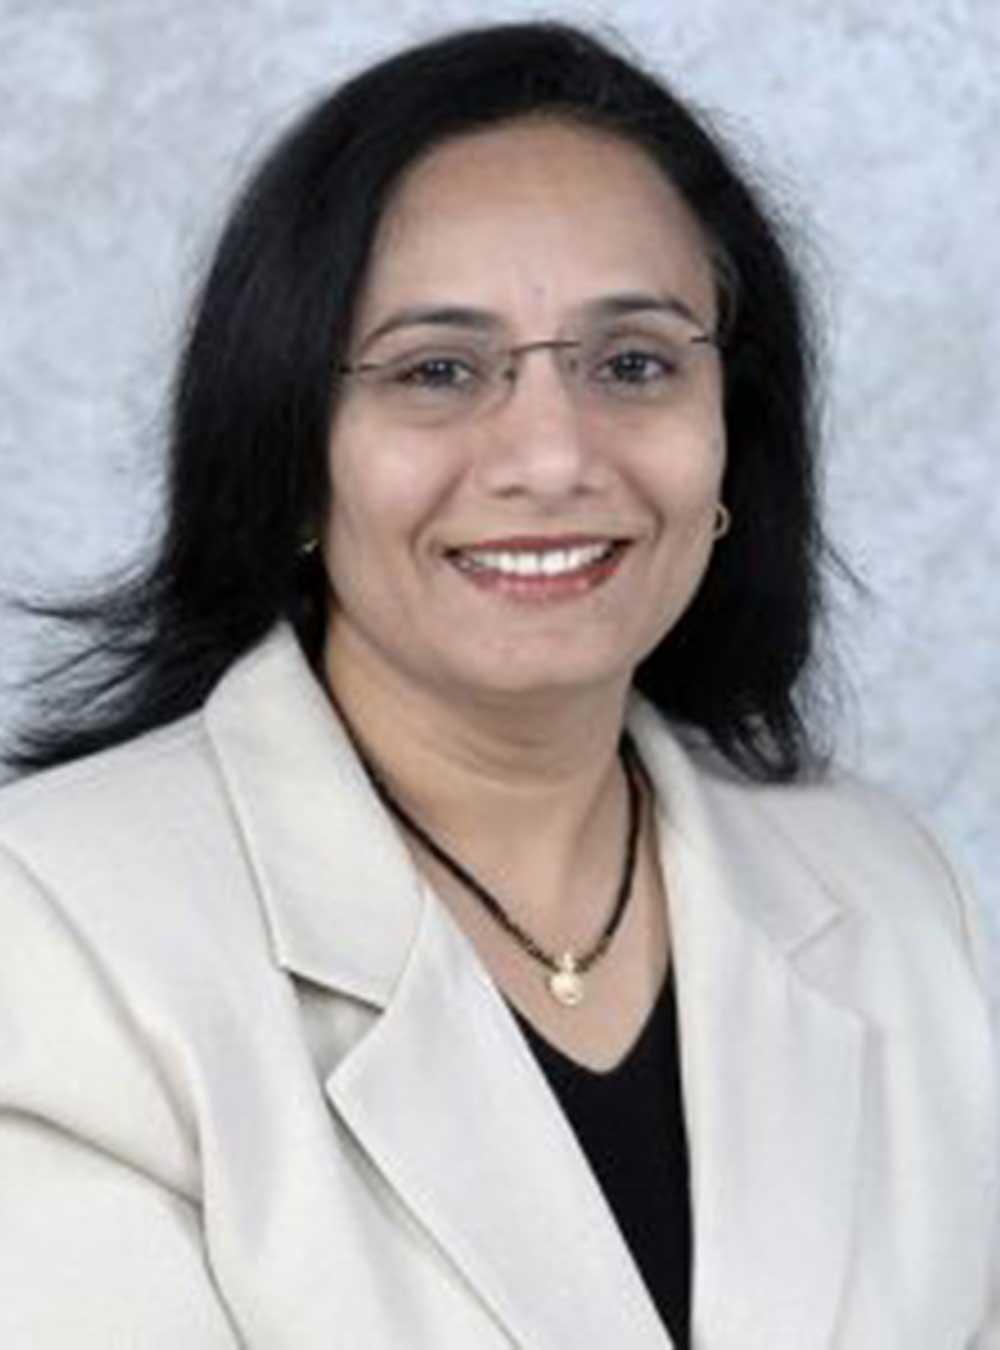 Portrait of Pushyamitra Veeramachaneni